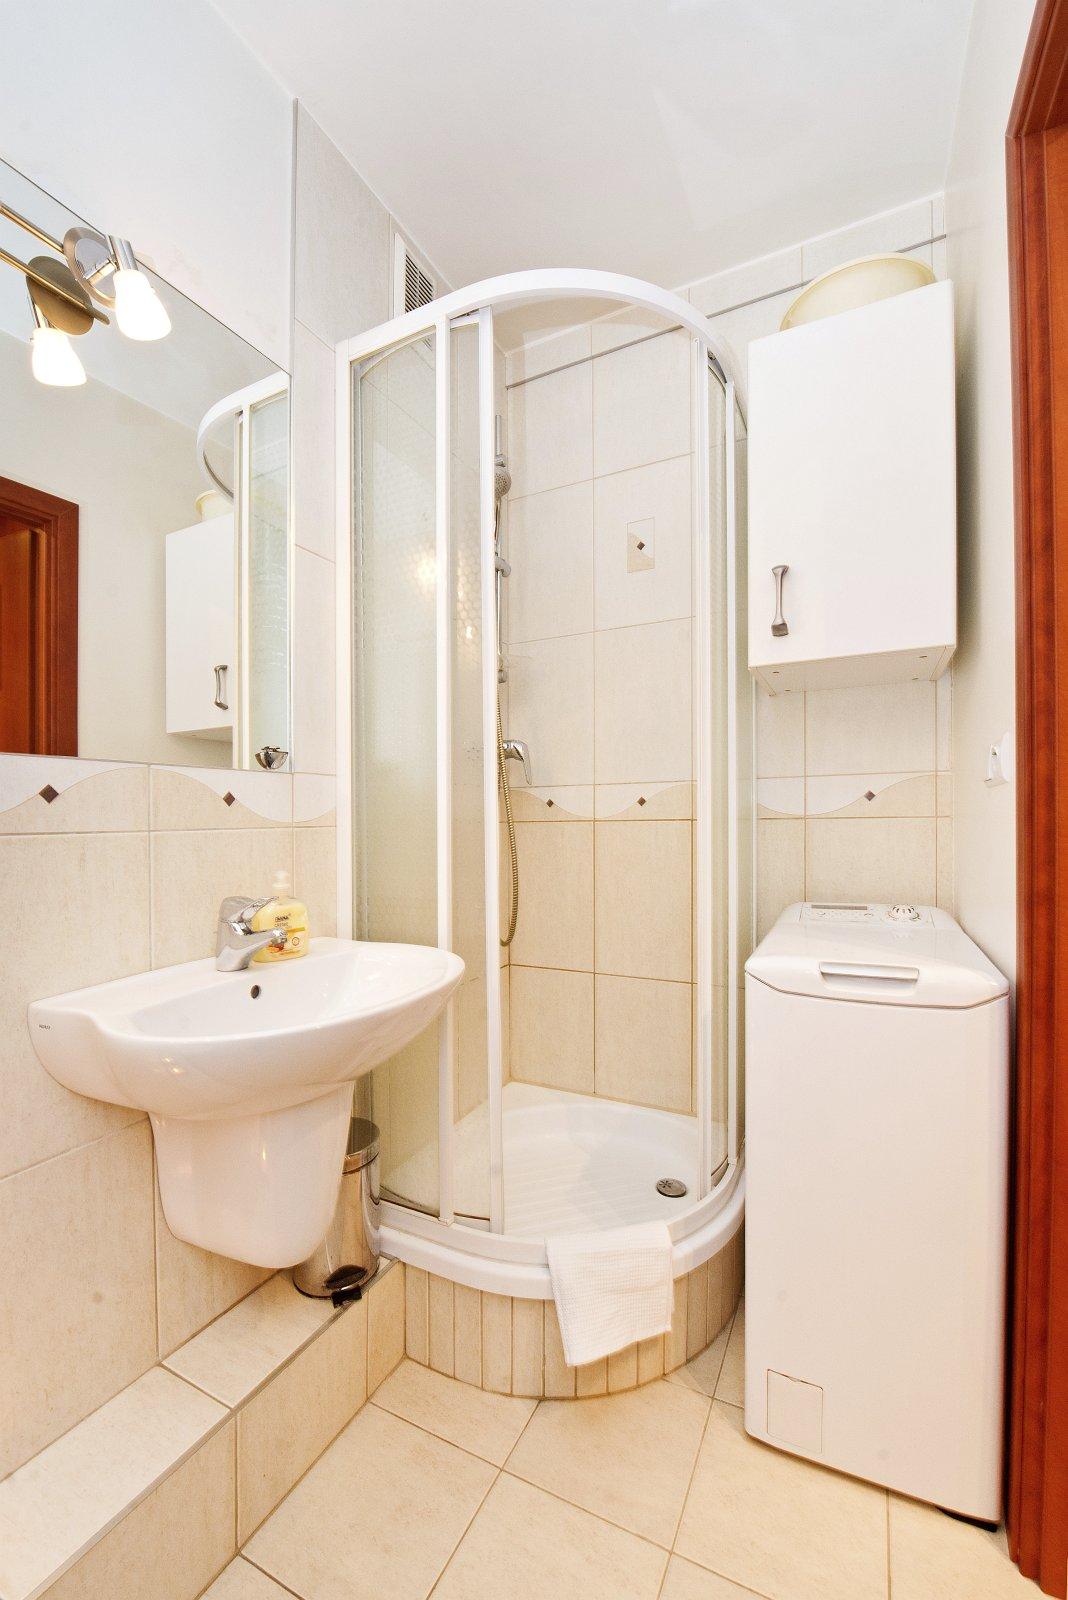 mieszkanie-wynajem-gdansk-ch-03-02web